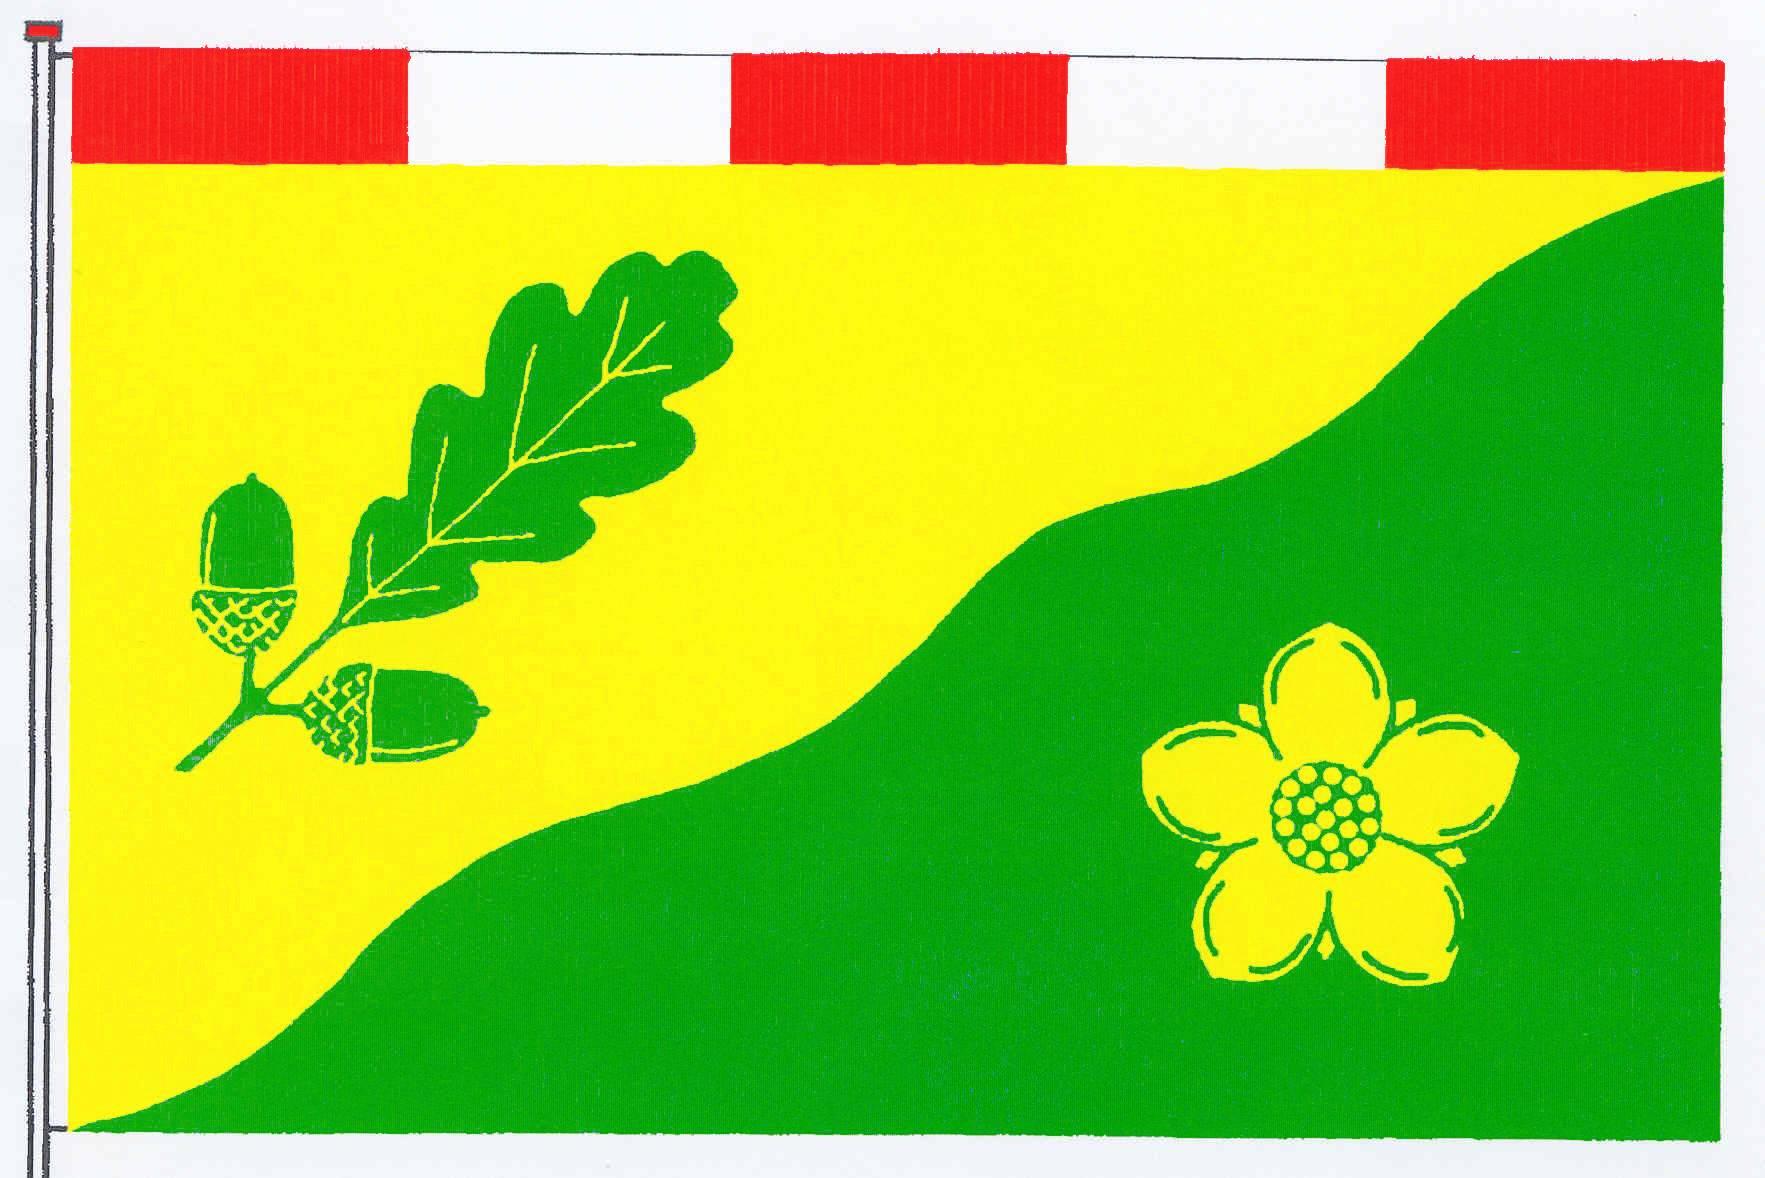 Flagge GemeindeJanneby, Kreis Schleswig-Flensburg